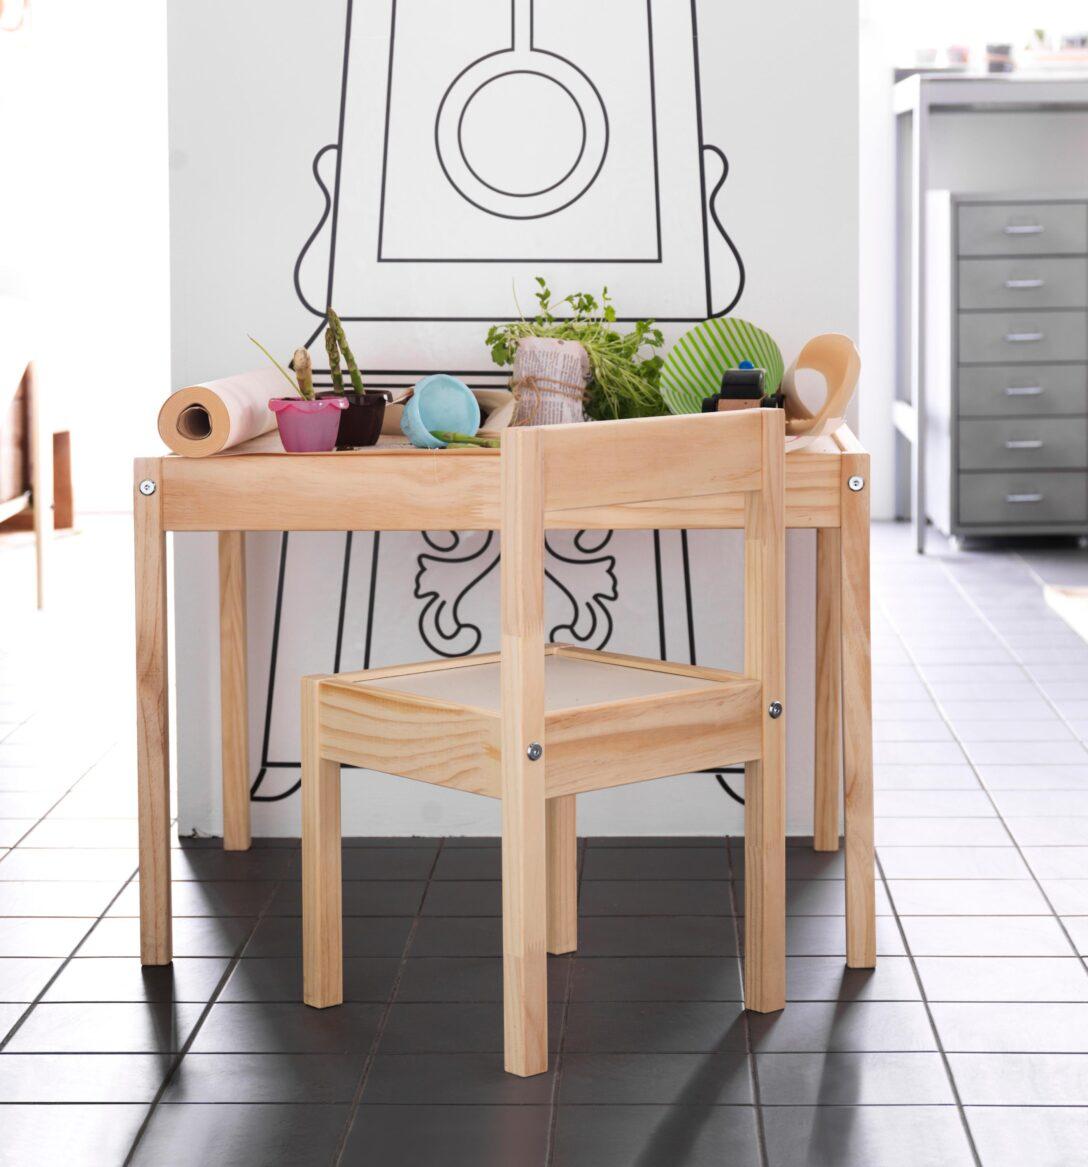 Large Size of Single Kche Bilder Ideen Couch Singleküche Mit Kühlschrank Küche Ikea Kosten Sofa Schlaffunktion Miniküche Kaufen Betten 160x200 Stengel Bei Modulküche E Wohnzimmer Singleküche Ikea Miniküche